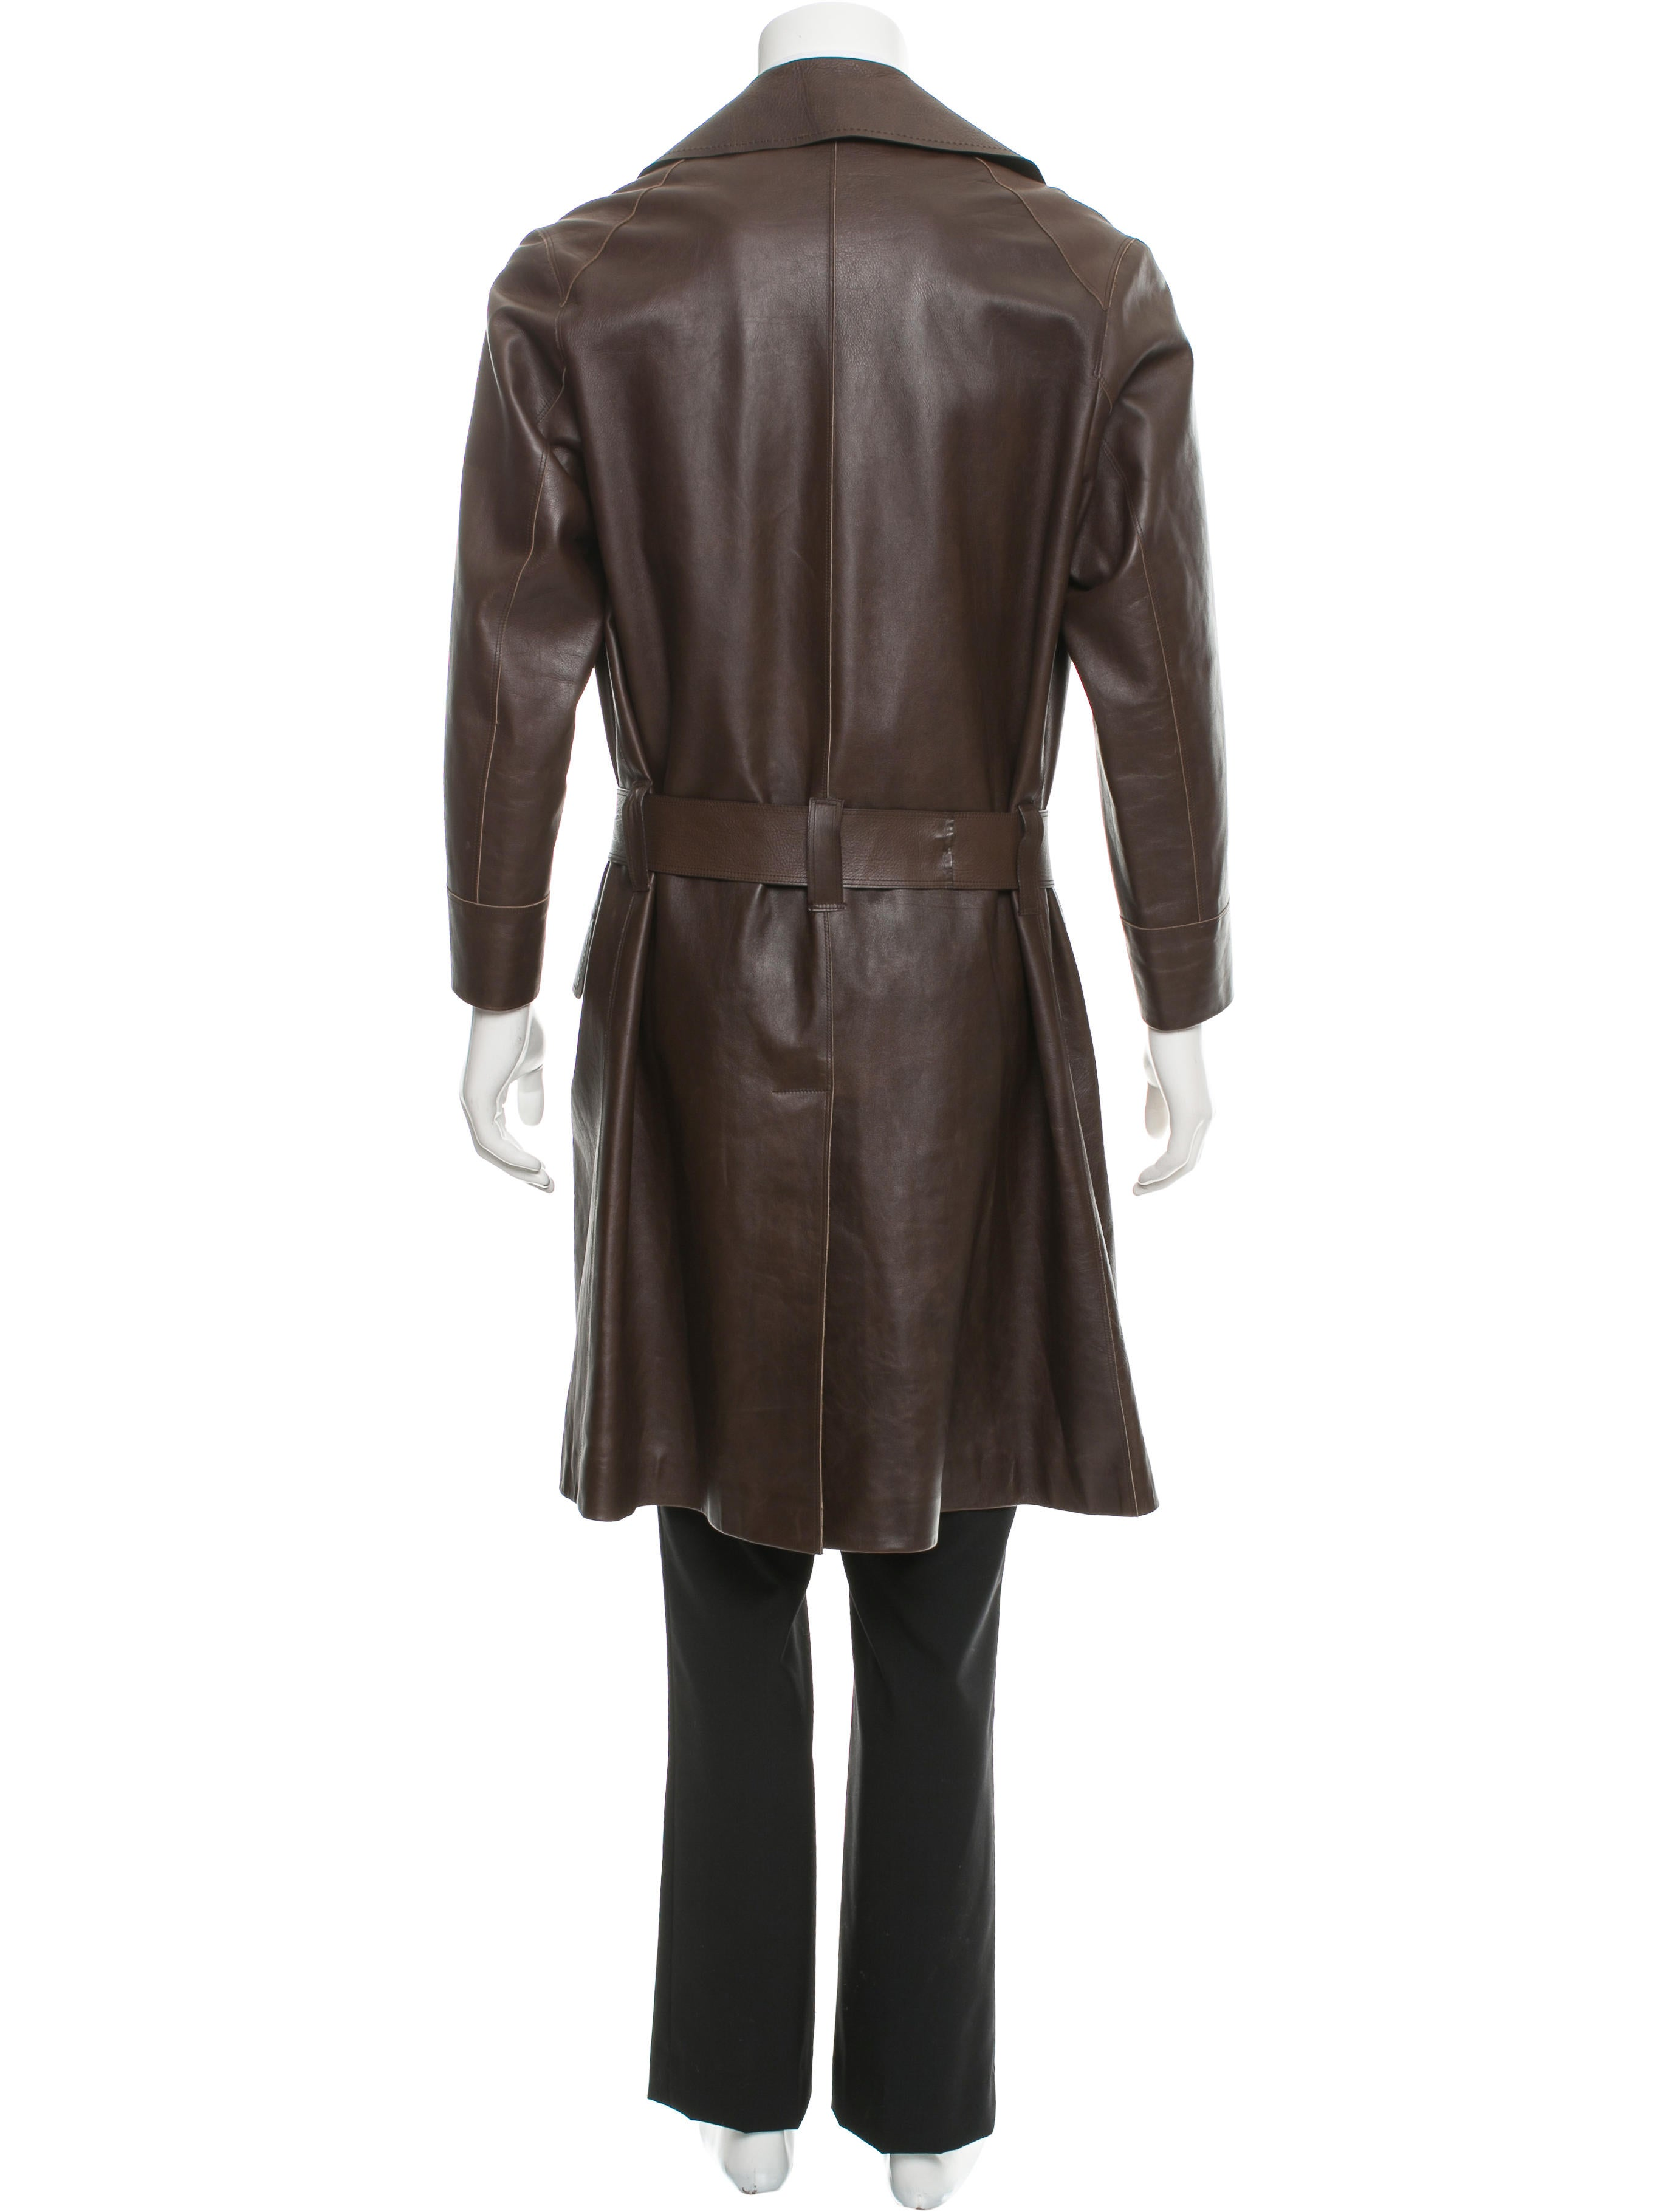 Leather overcoat